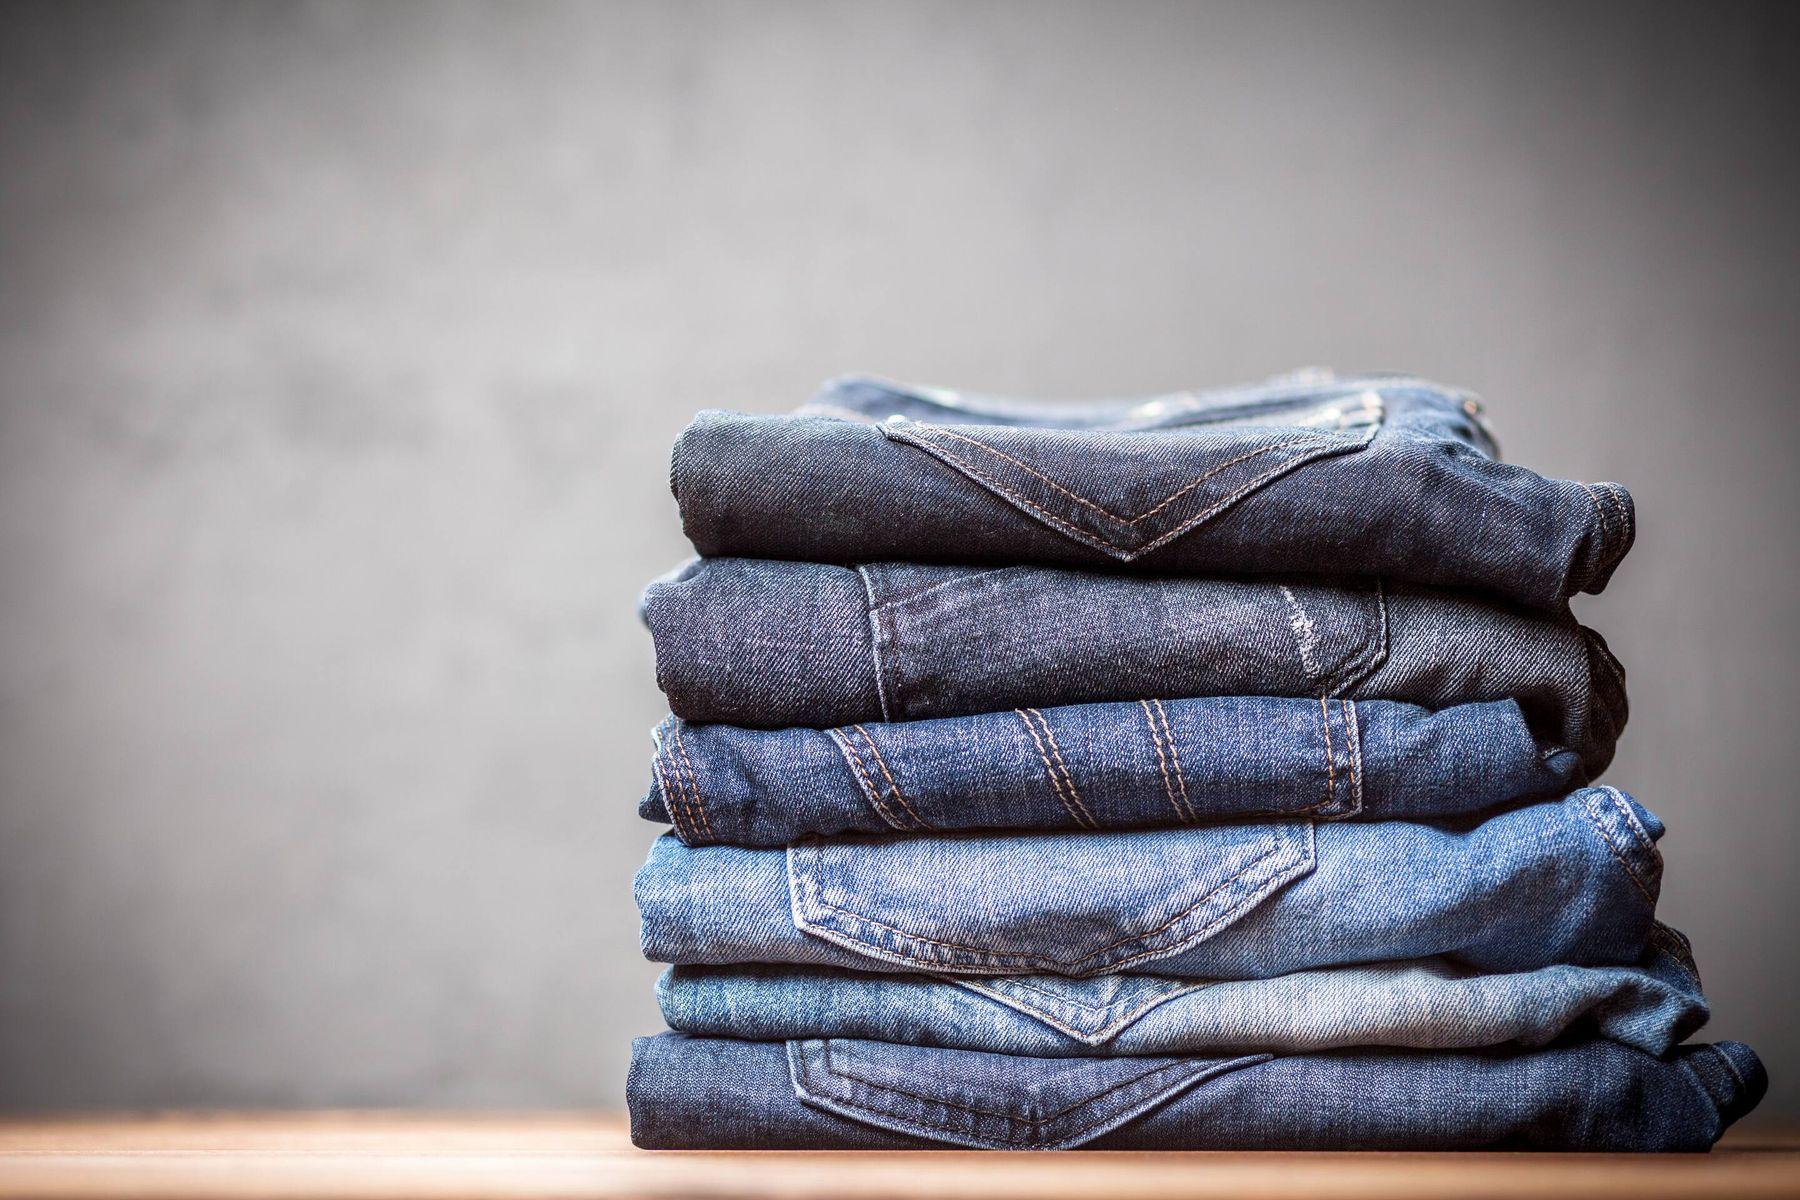 अपने ब्लू जीन्स पर गिरे हुए दाग़ कैसे मिटाएं | गेट सेट क्लीन